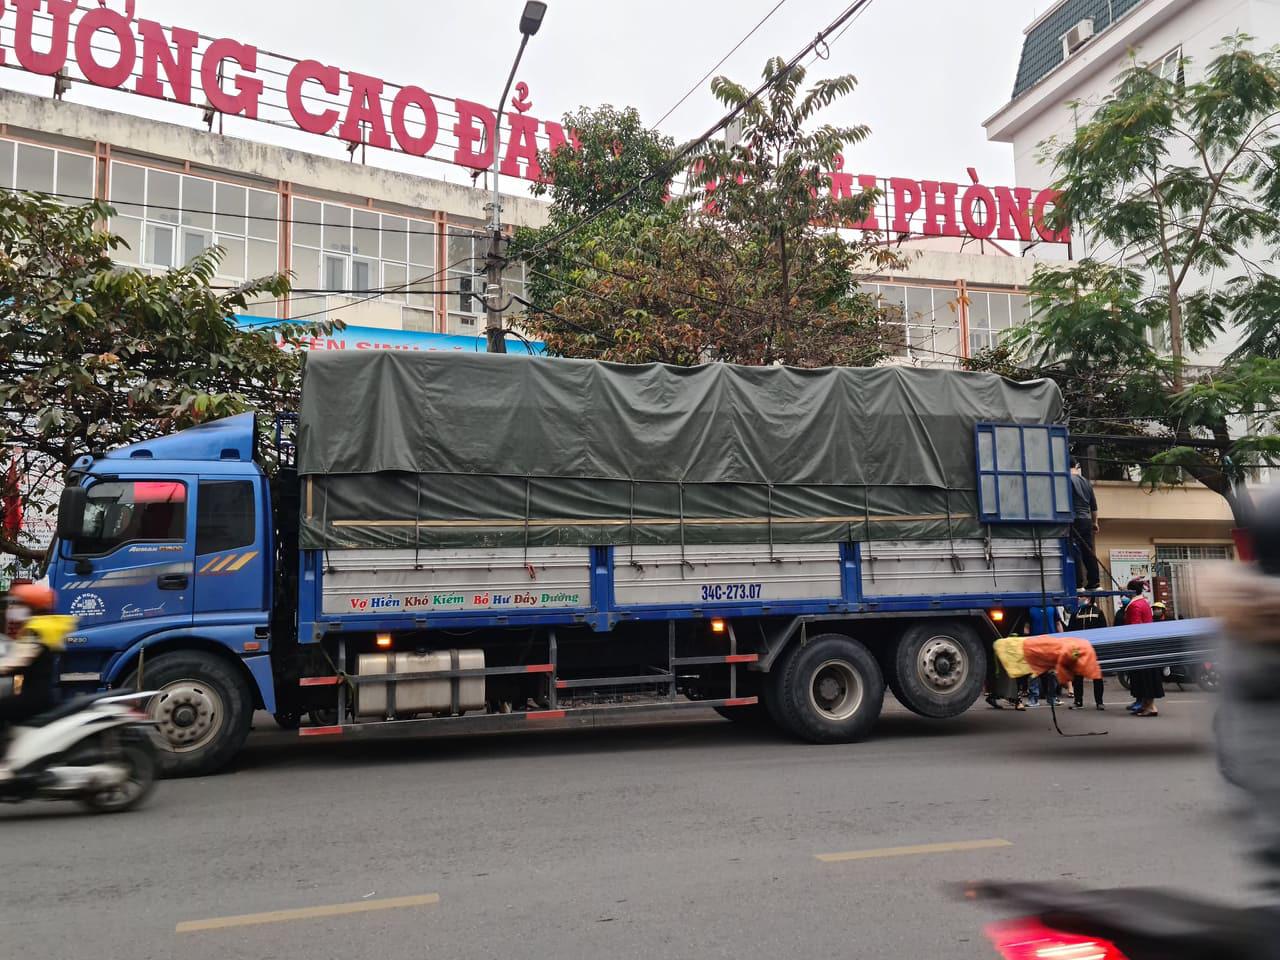 Hải Phòng: Xe tải biển Hải Dương vào bán nông sản người dân quây kín mua hàng - Ảnh 1.